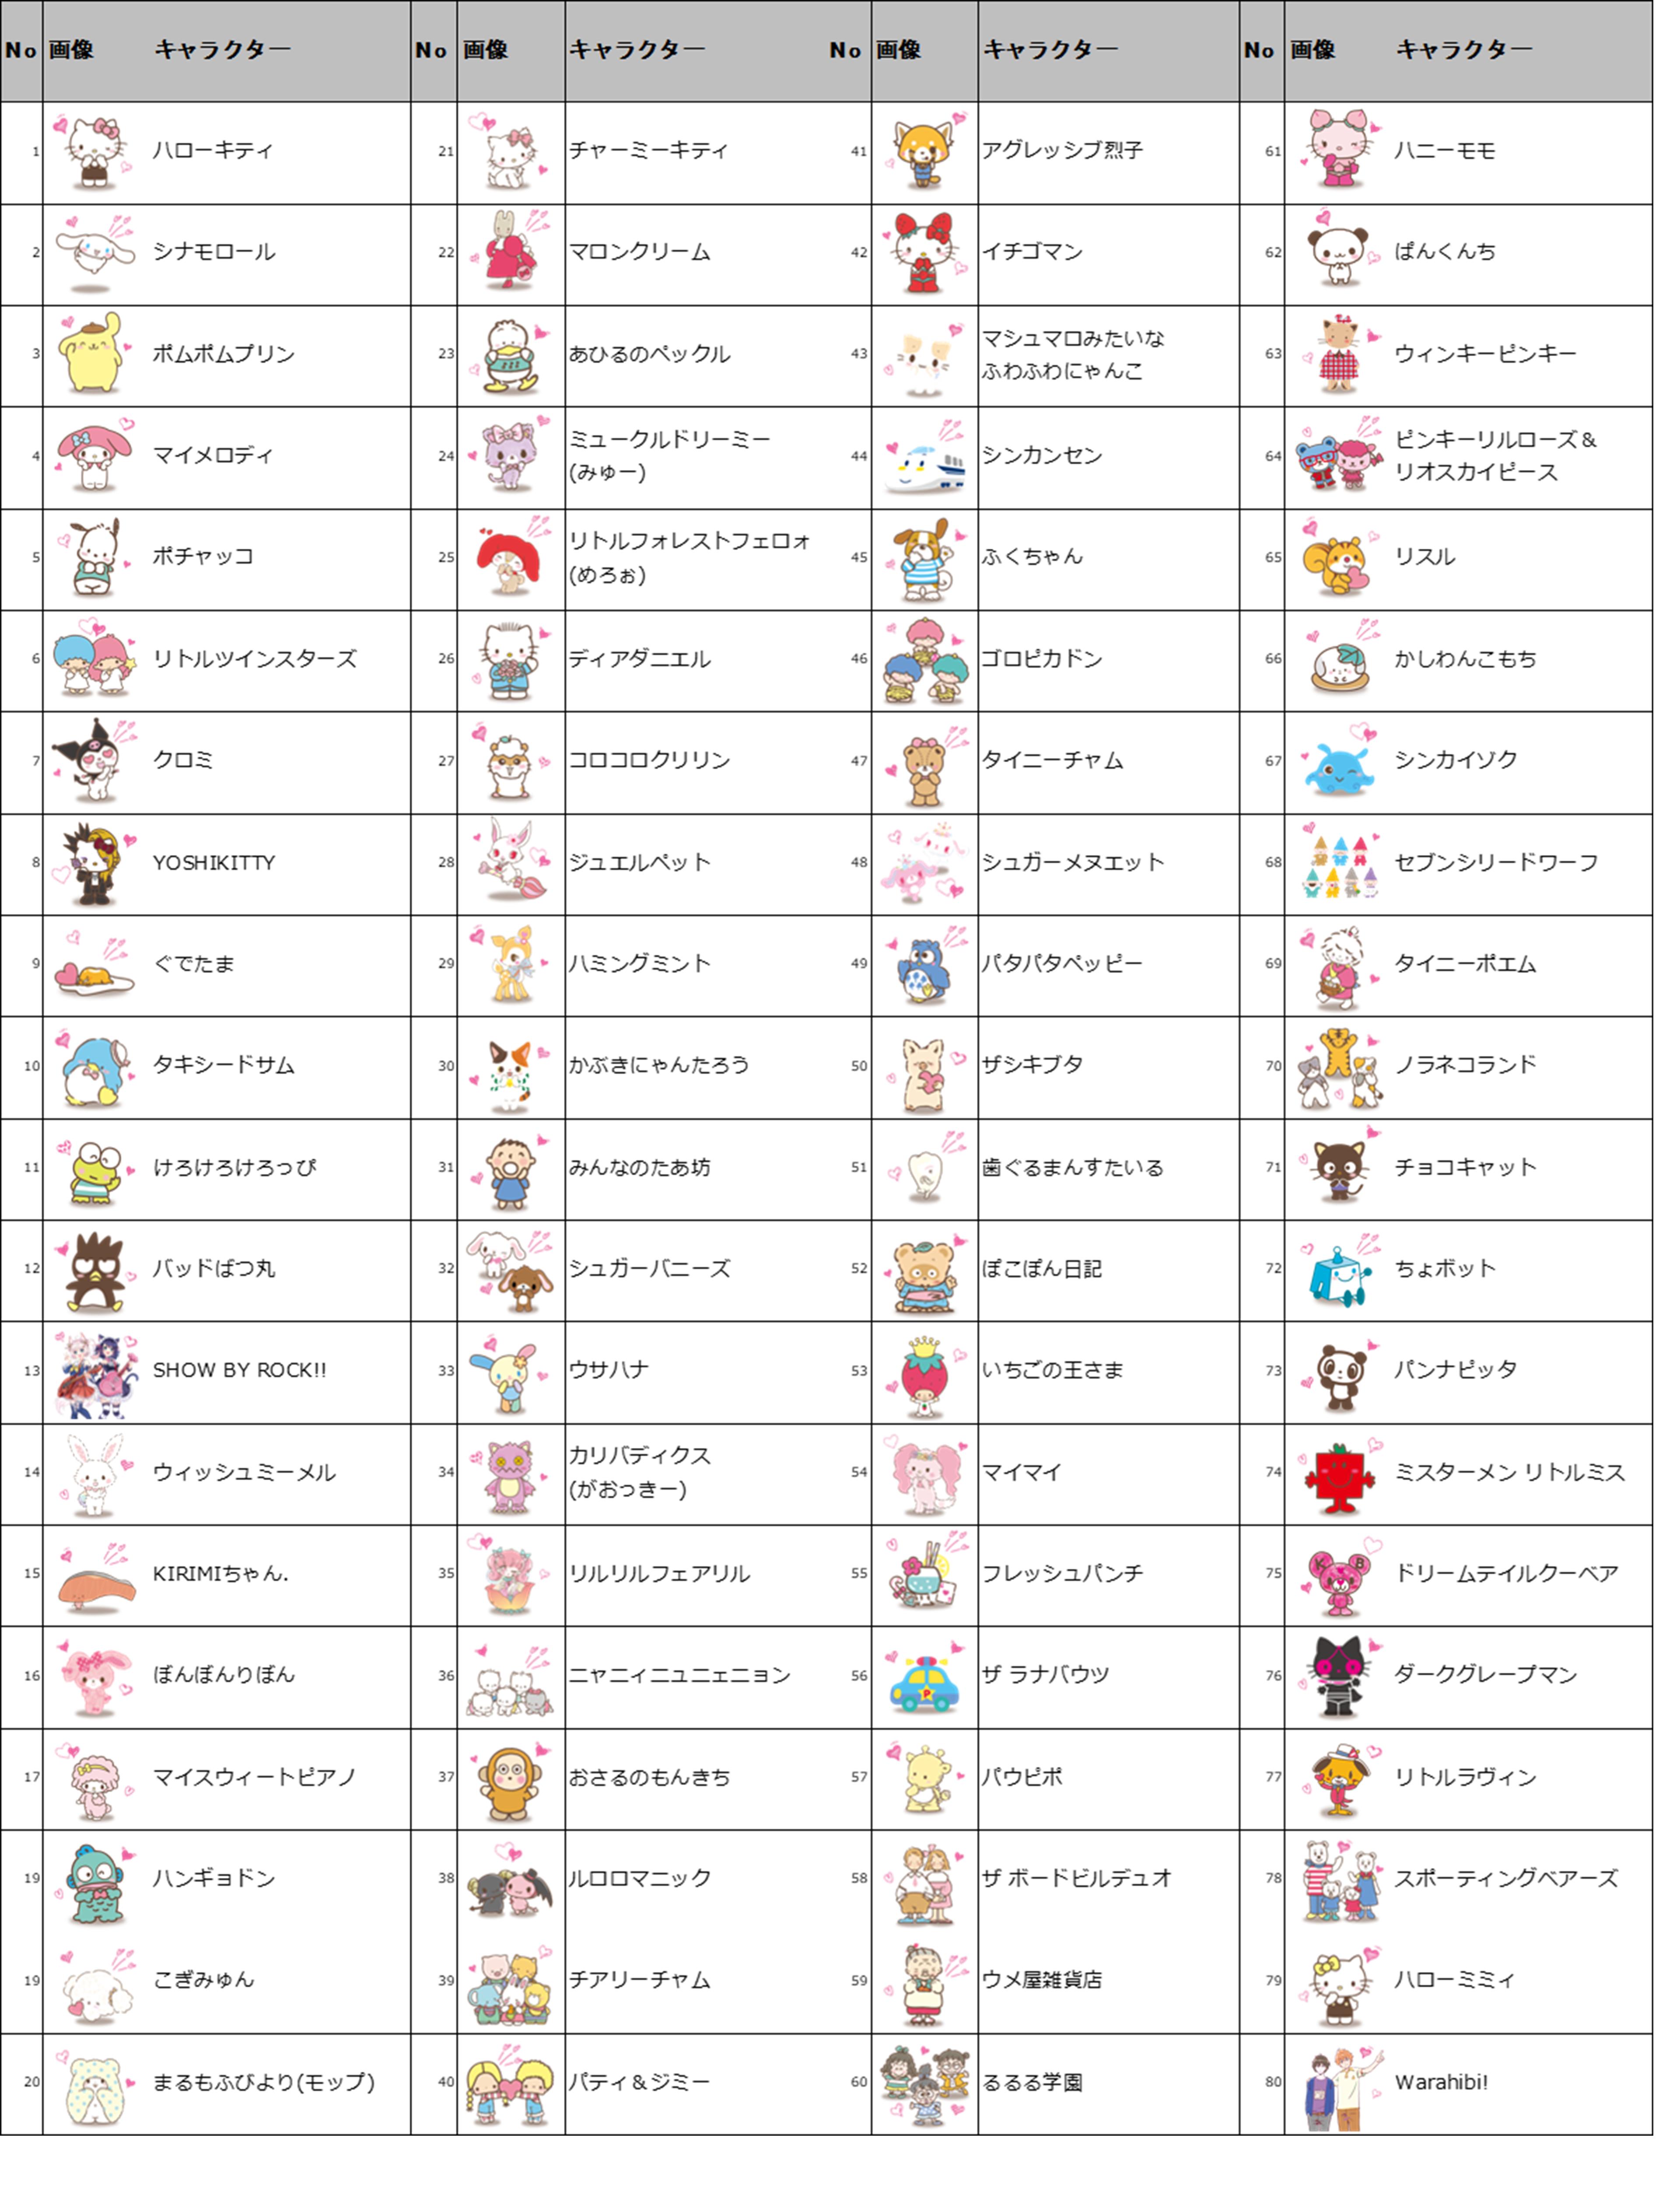 ノミネート80キャラクター